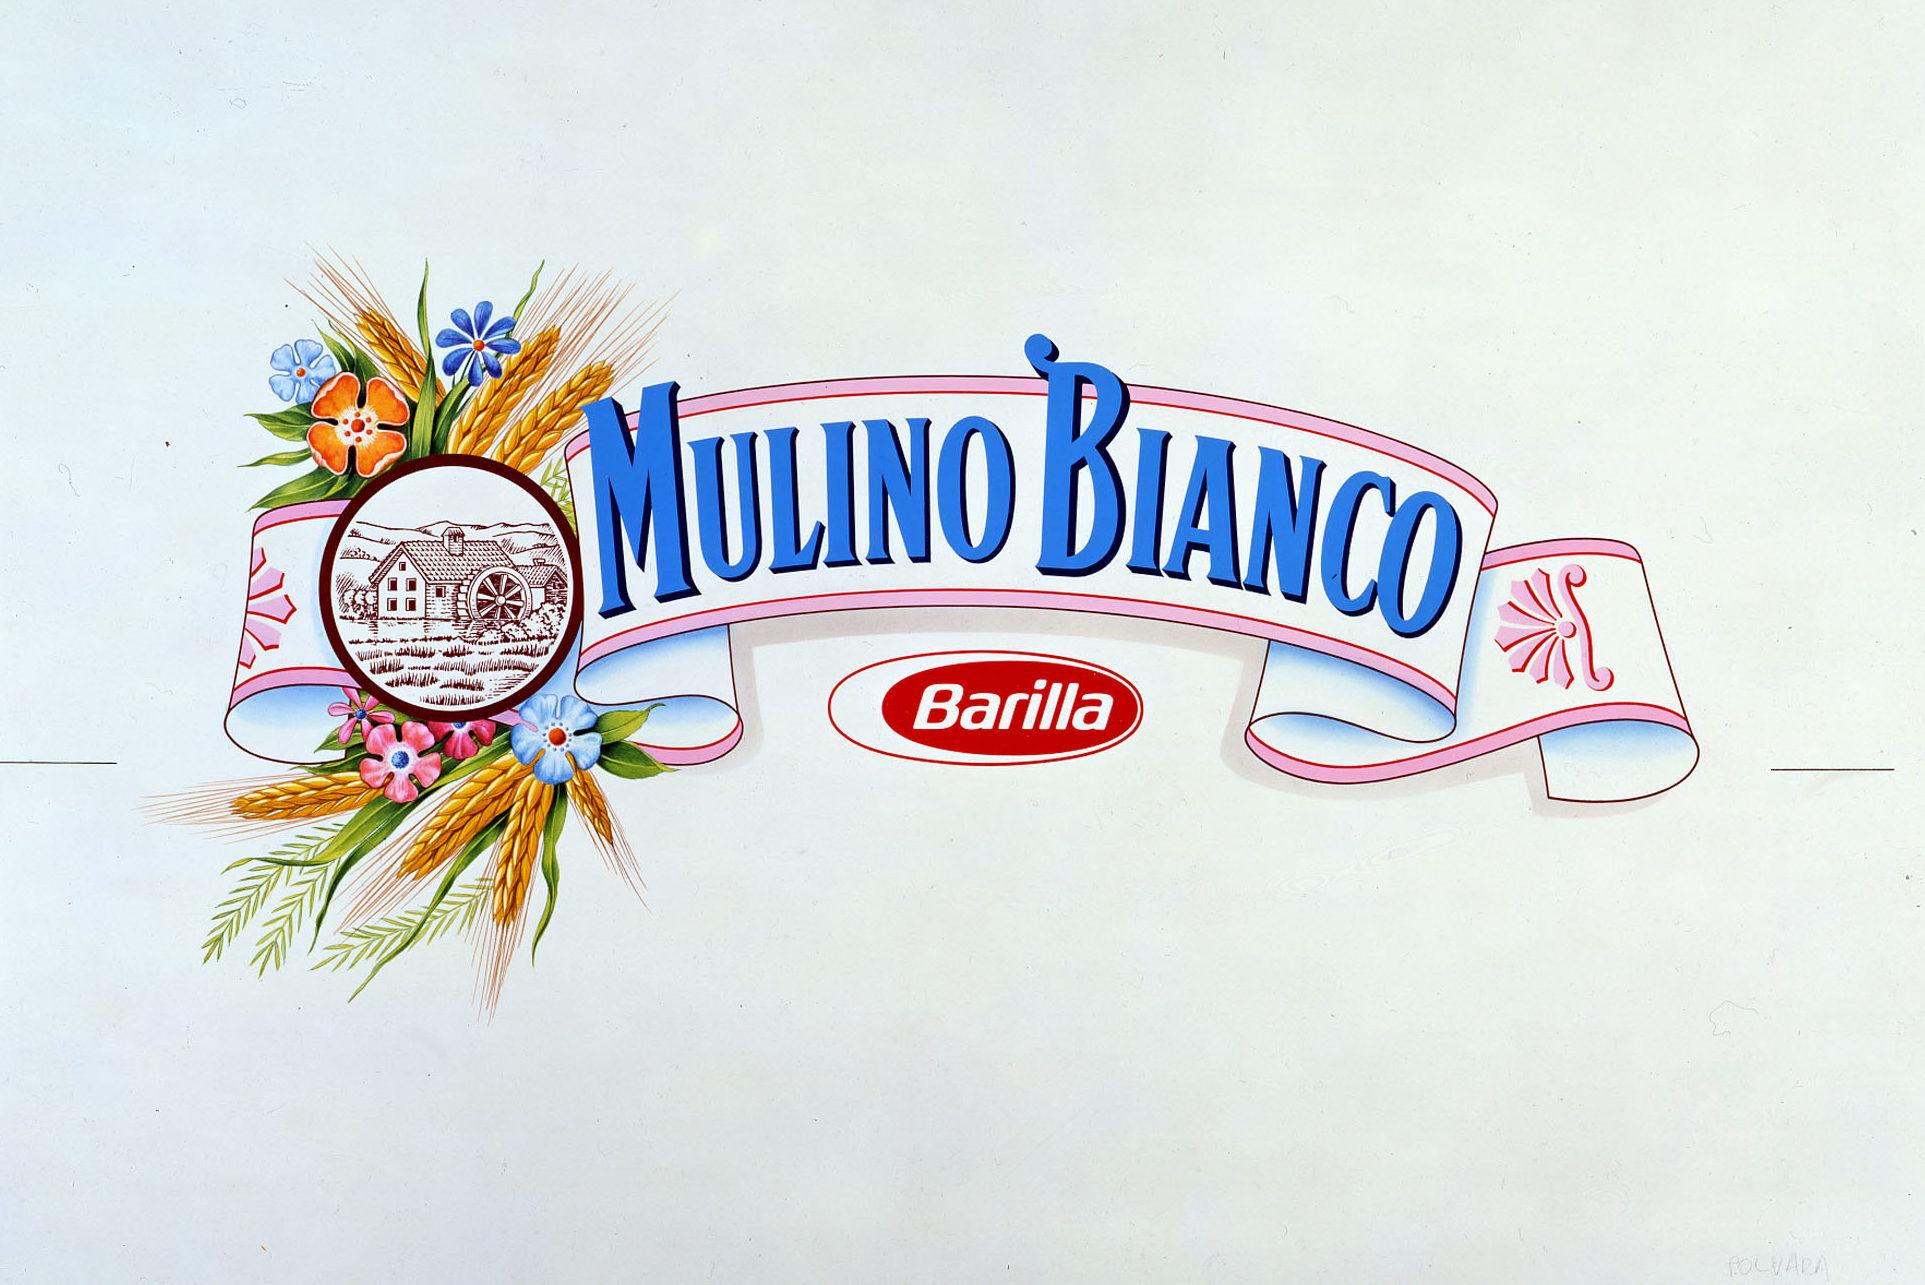 Mulino Bianco brand